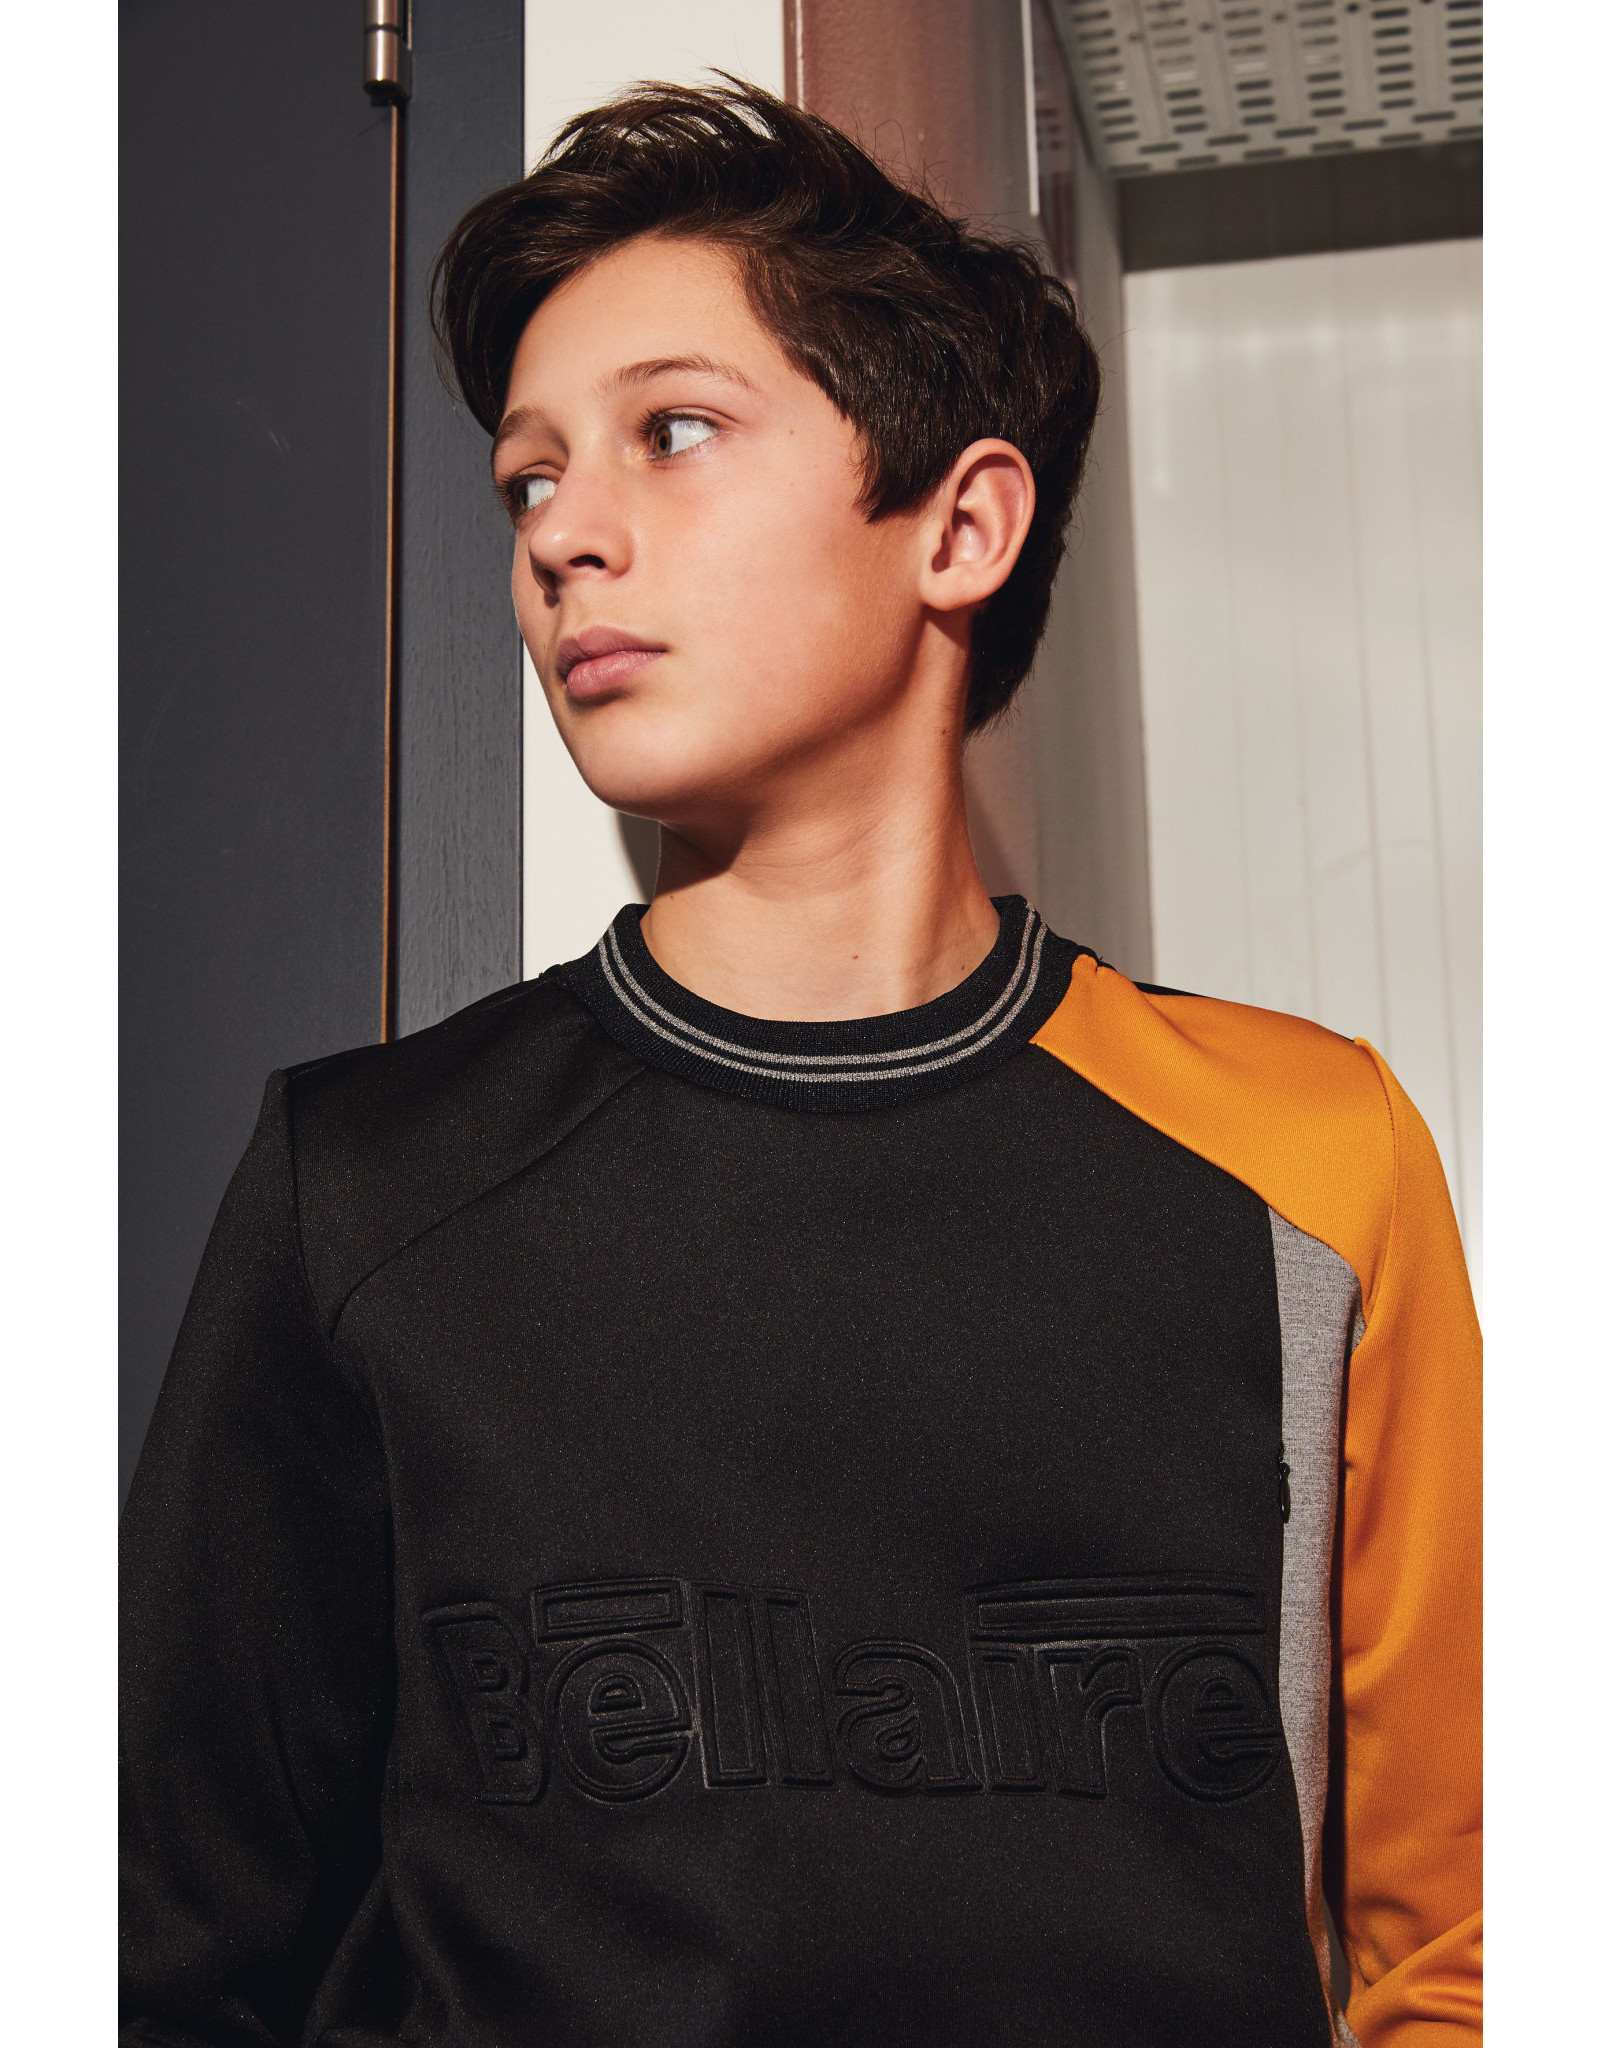 Bellaire Bellaire jongens sweater Koen Jet Black